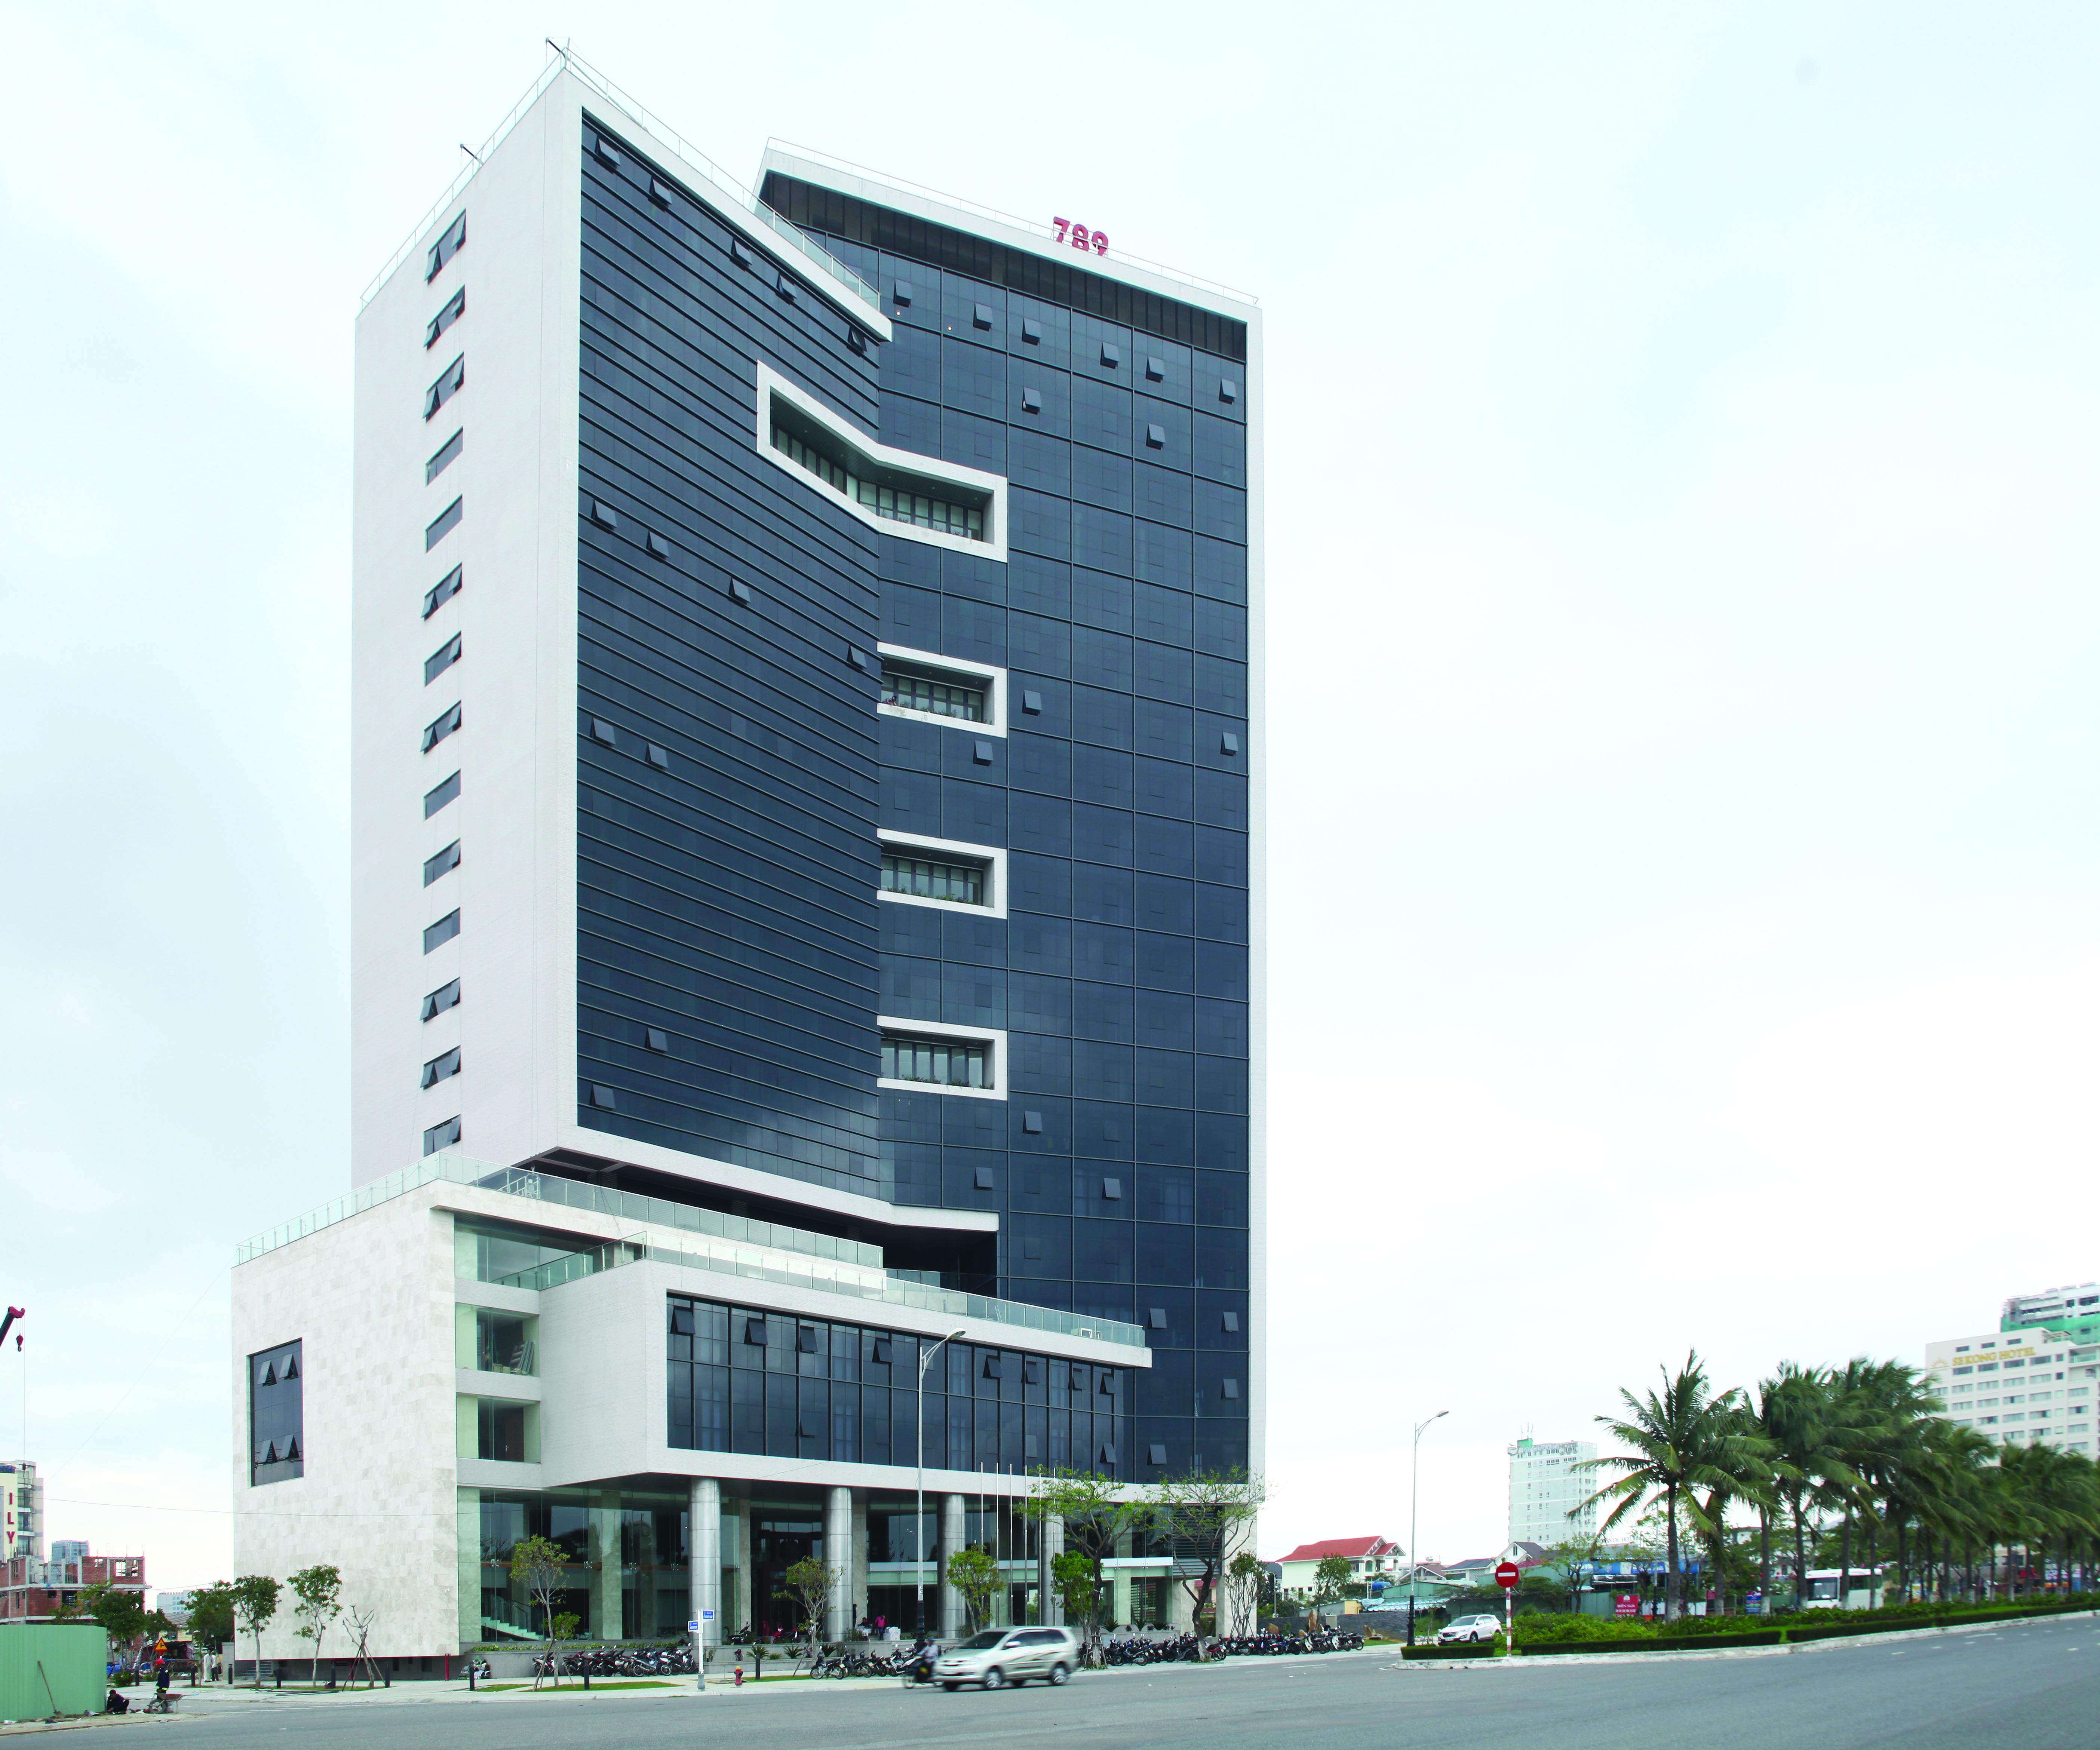 Dự án Nhà làm việc không thường xuyên Quốc hội & các cơ quan Quốc hội tại Đà Nẵng sử dụng sản phẩm Eurowindow